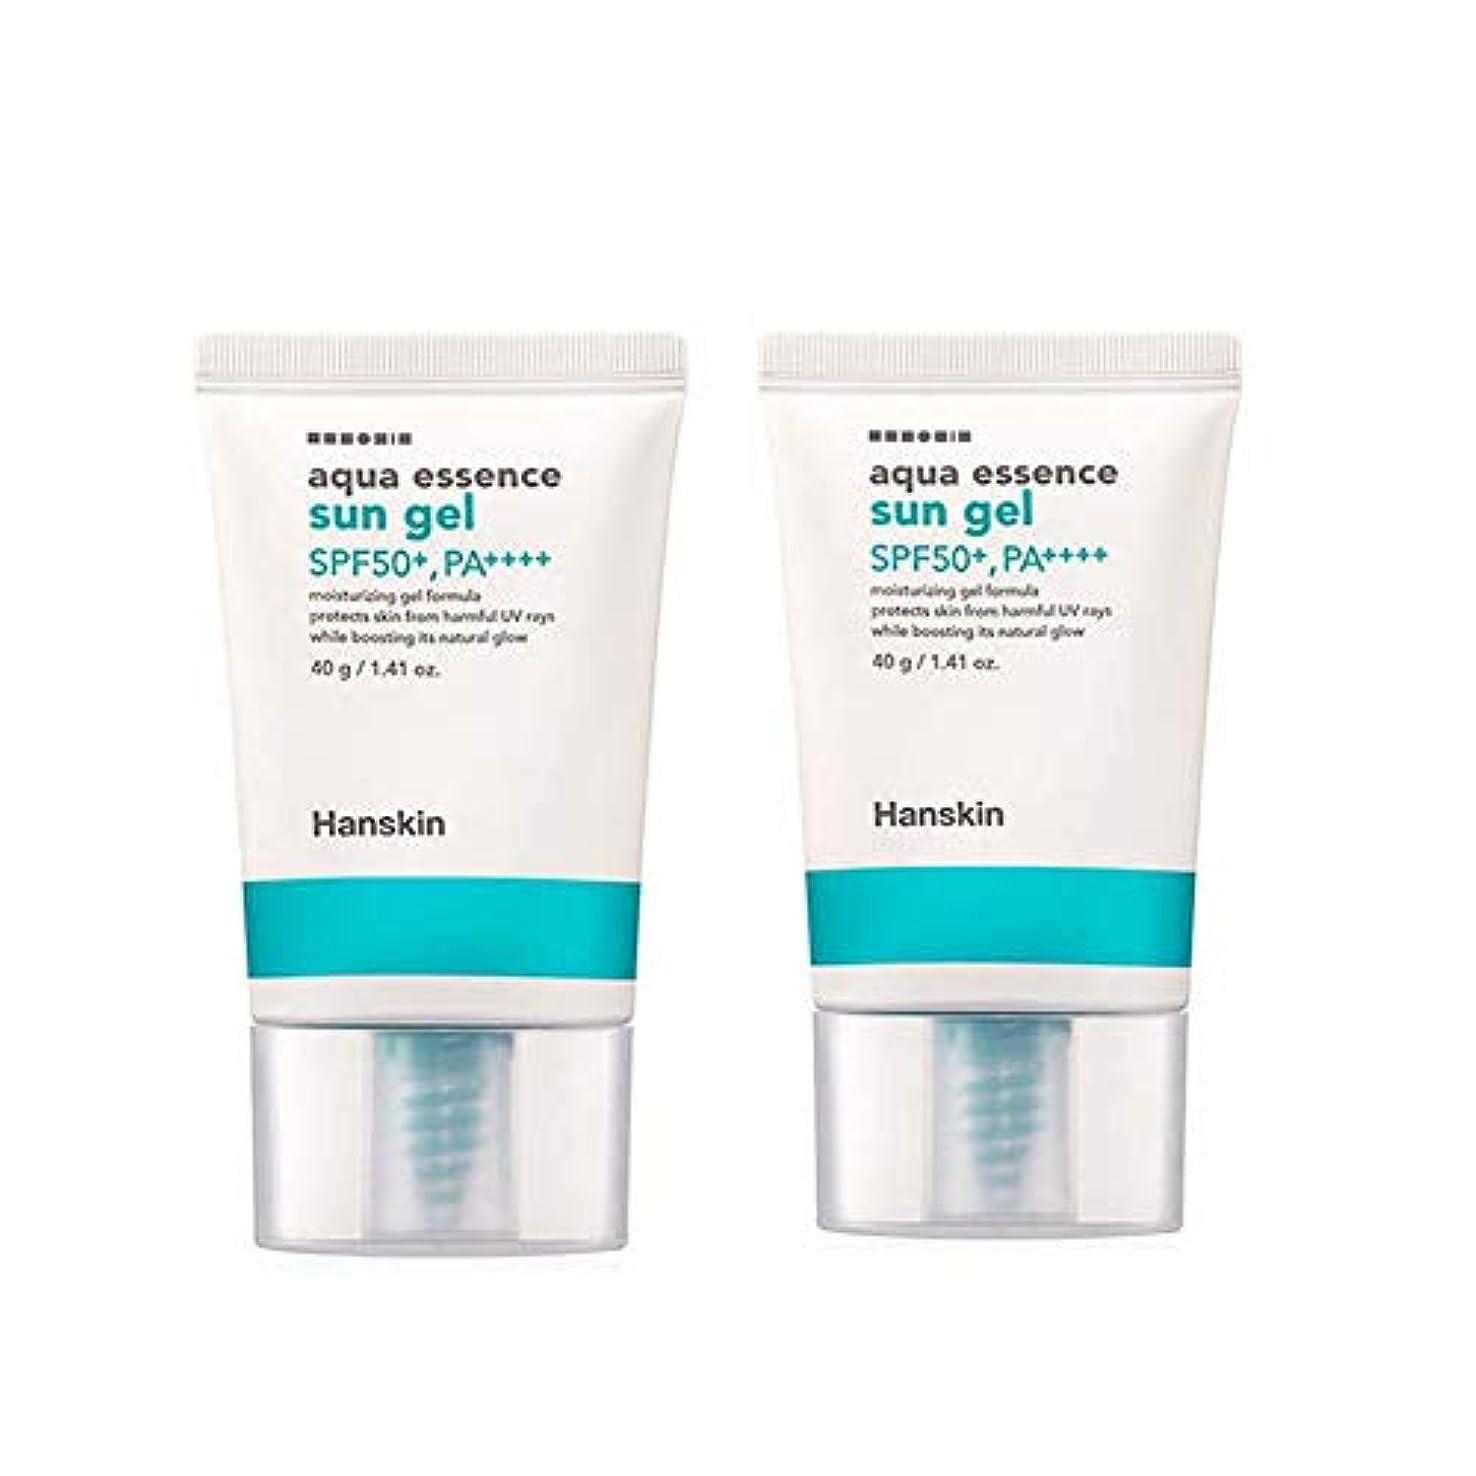 リビジョン外観どれでもハンスキンアクアエッセンスサンゼル40gx2本セットサンクリーム韓国コスメ、Hanskin Aqua Essence Sun Gel 40g x 2ea Set Sun Cream Korean Cosmetics [並行輸入品]